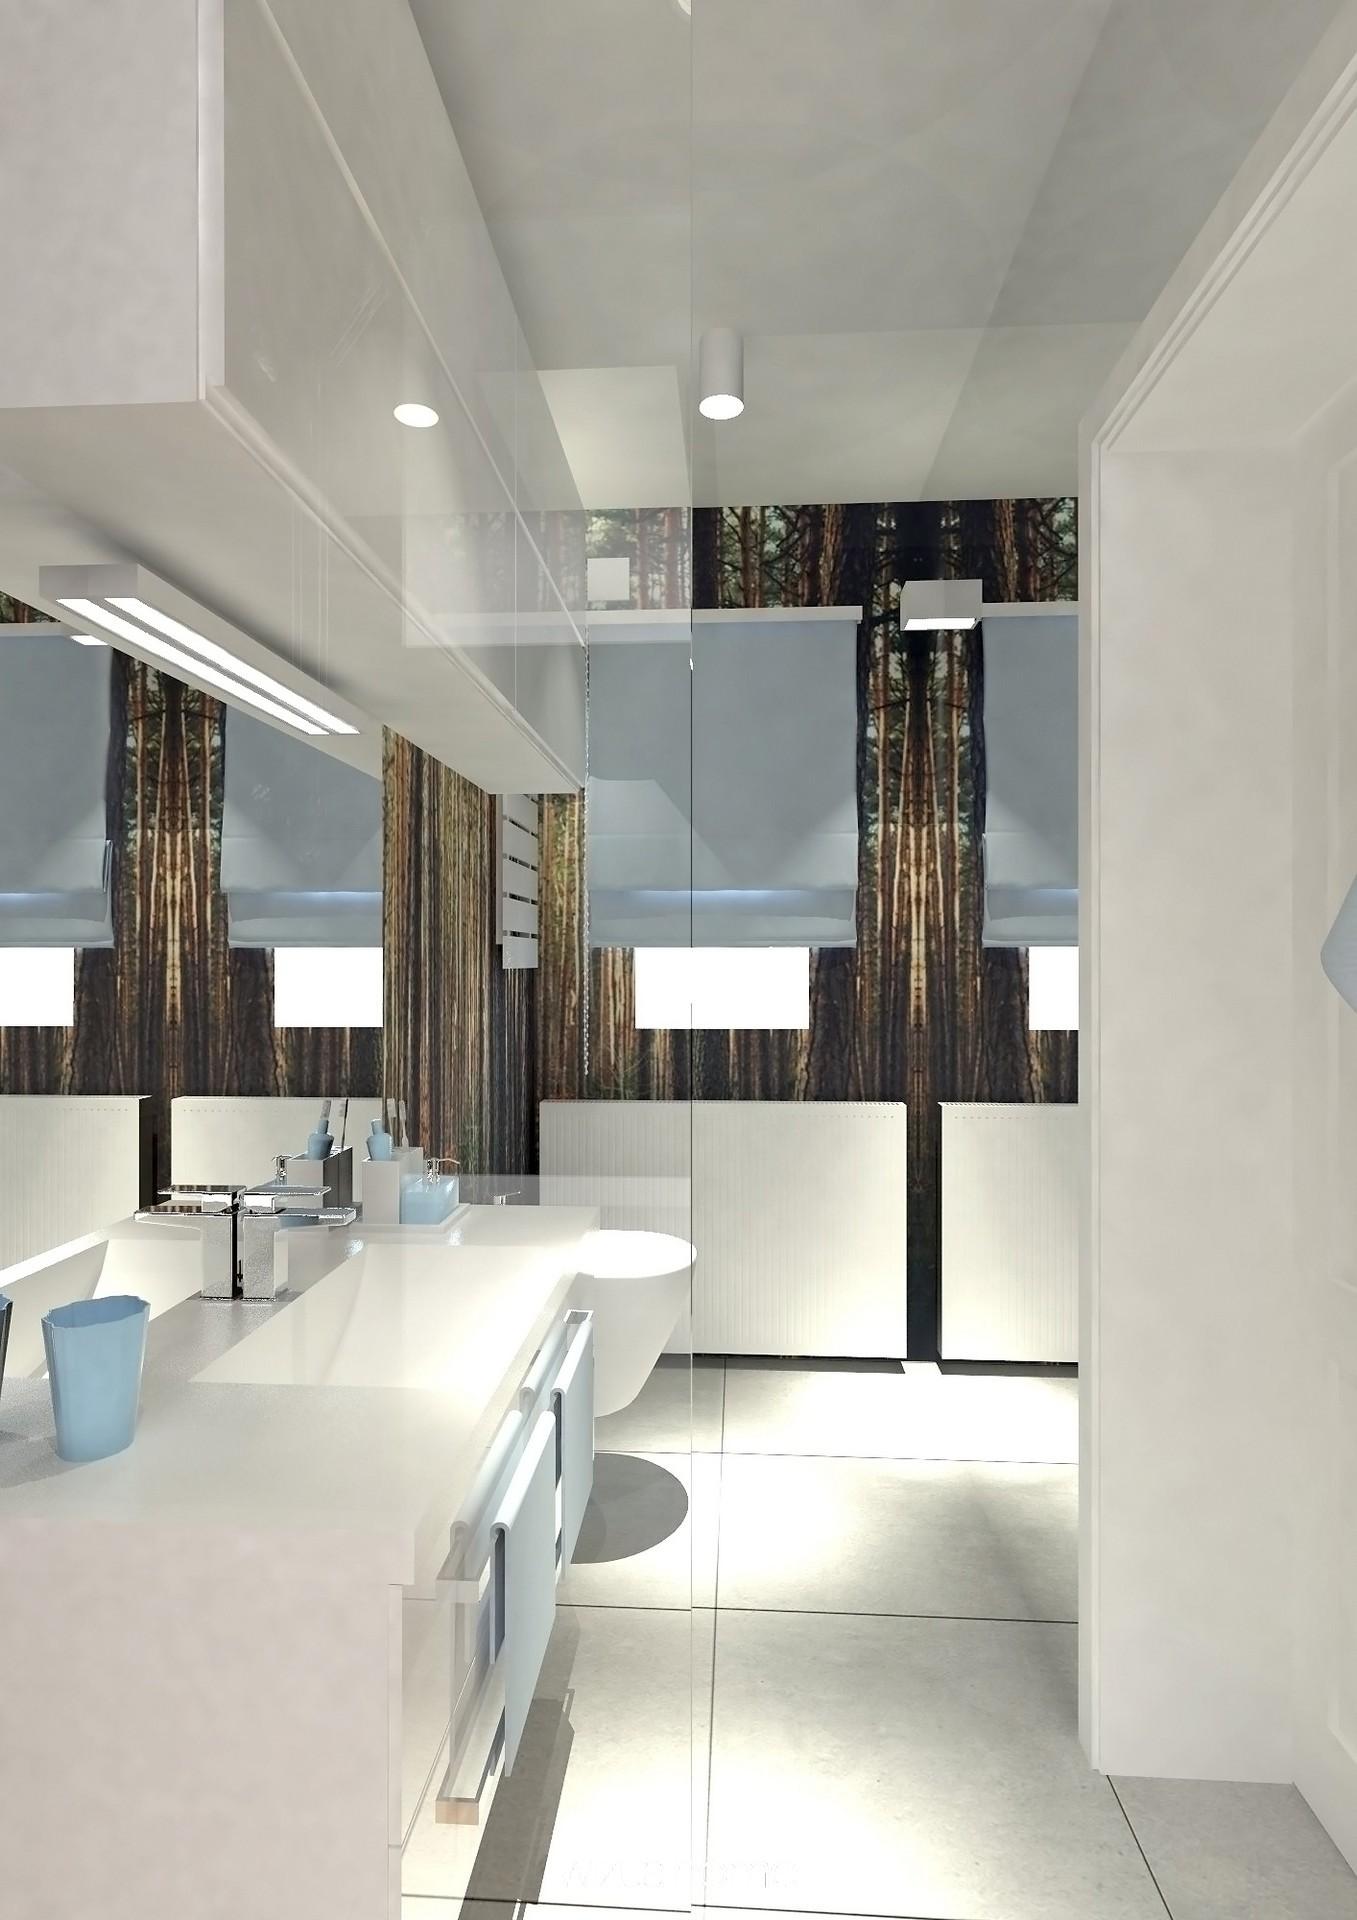 Łazienka w nowoczesnym stylu w odcieniach błekitu.